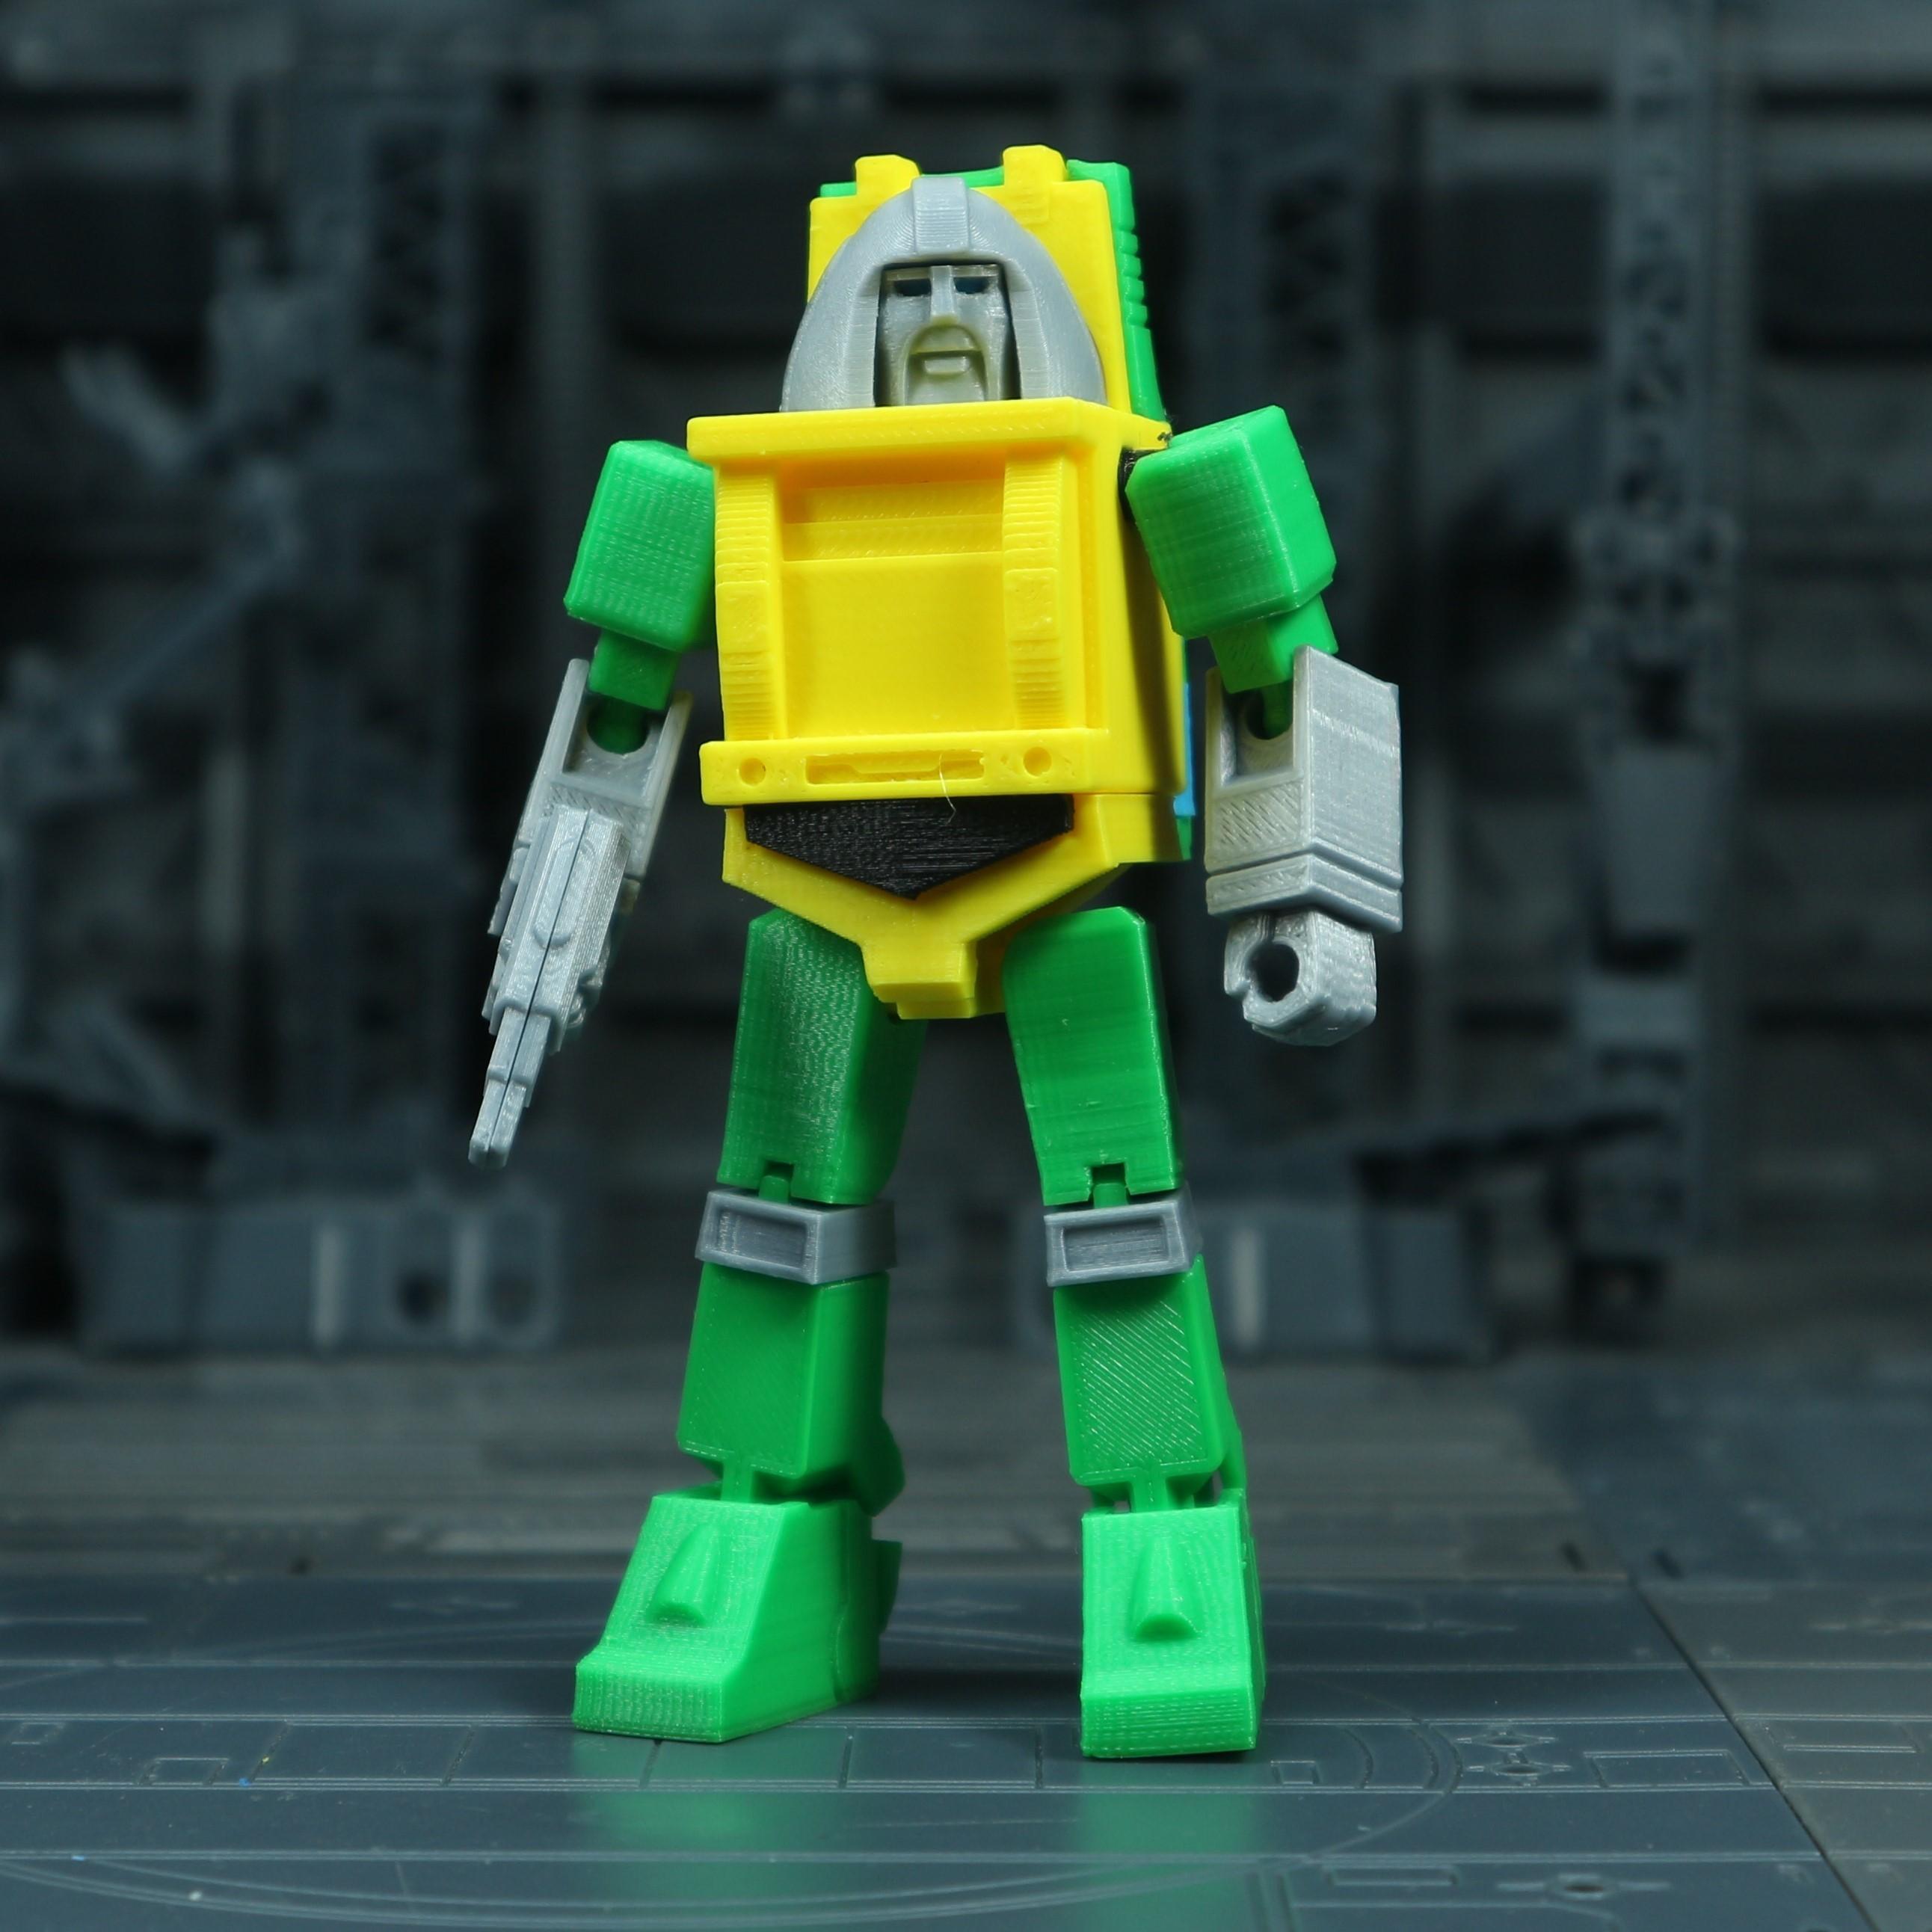 Brawn_1X1_1.jpg Download free STL file G1 Transformers Brawn • 3D printer object, Toymakr3D